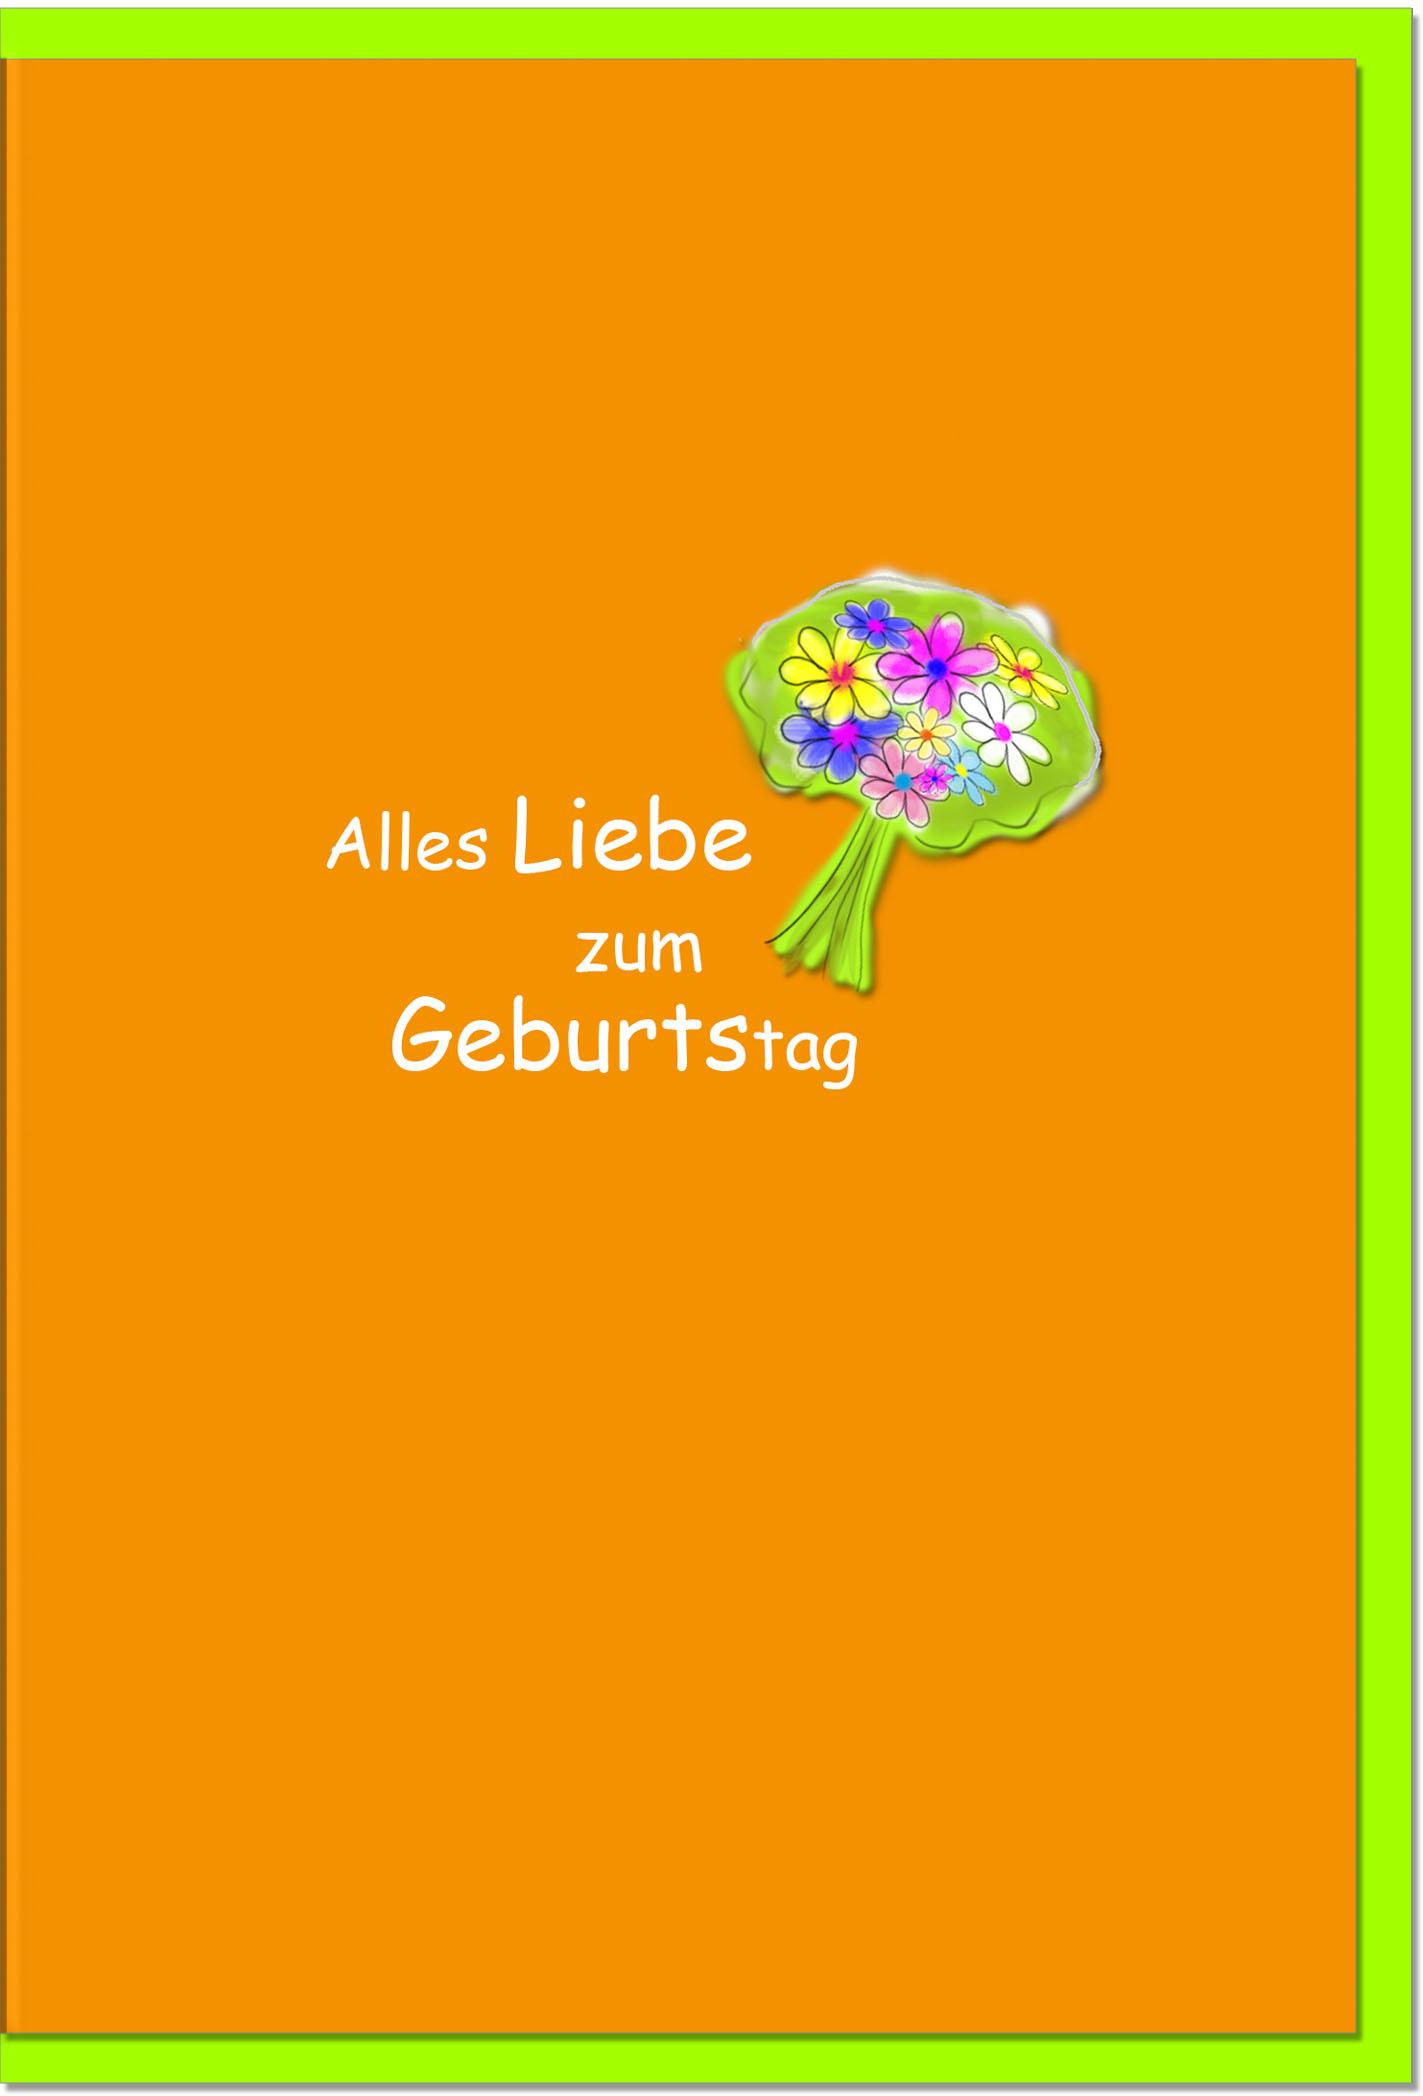 Geburtstagskarten / Grußkarten /Geburtstag Blumenstrauss